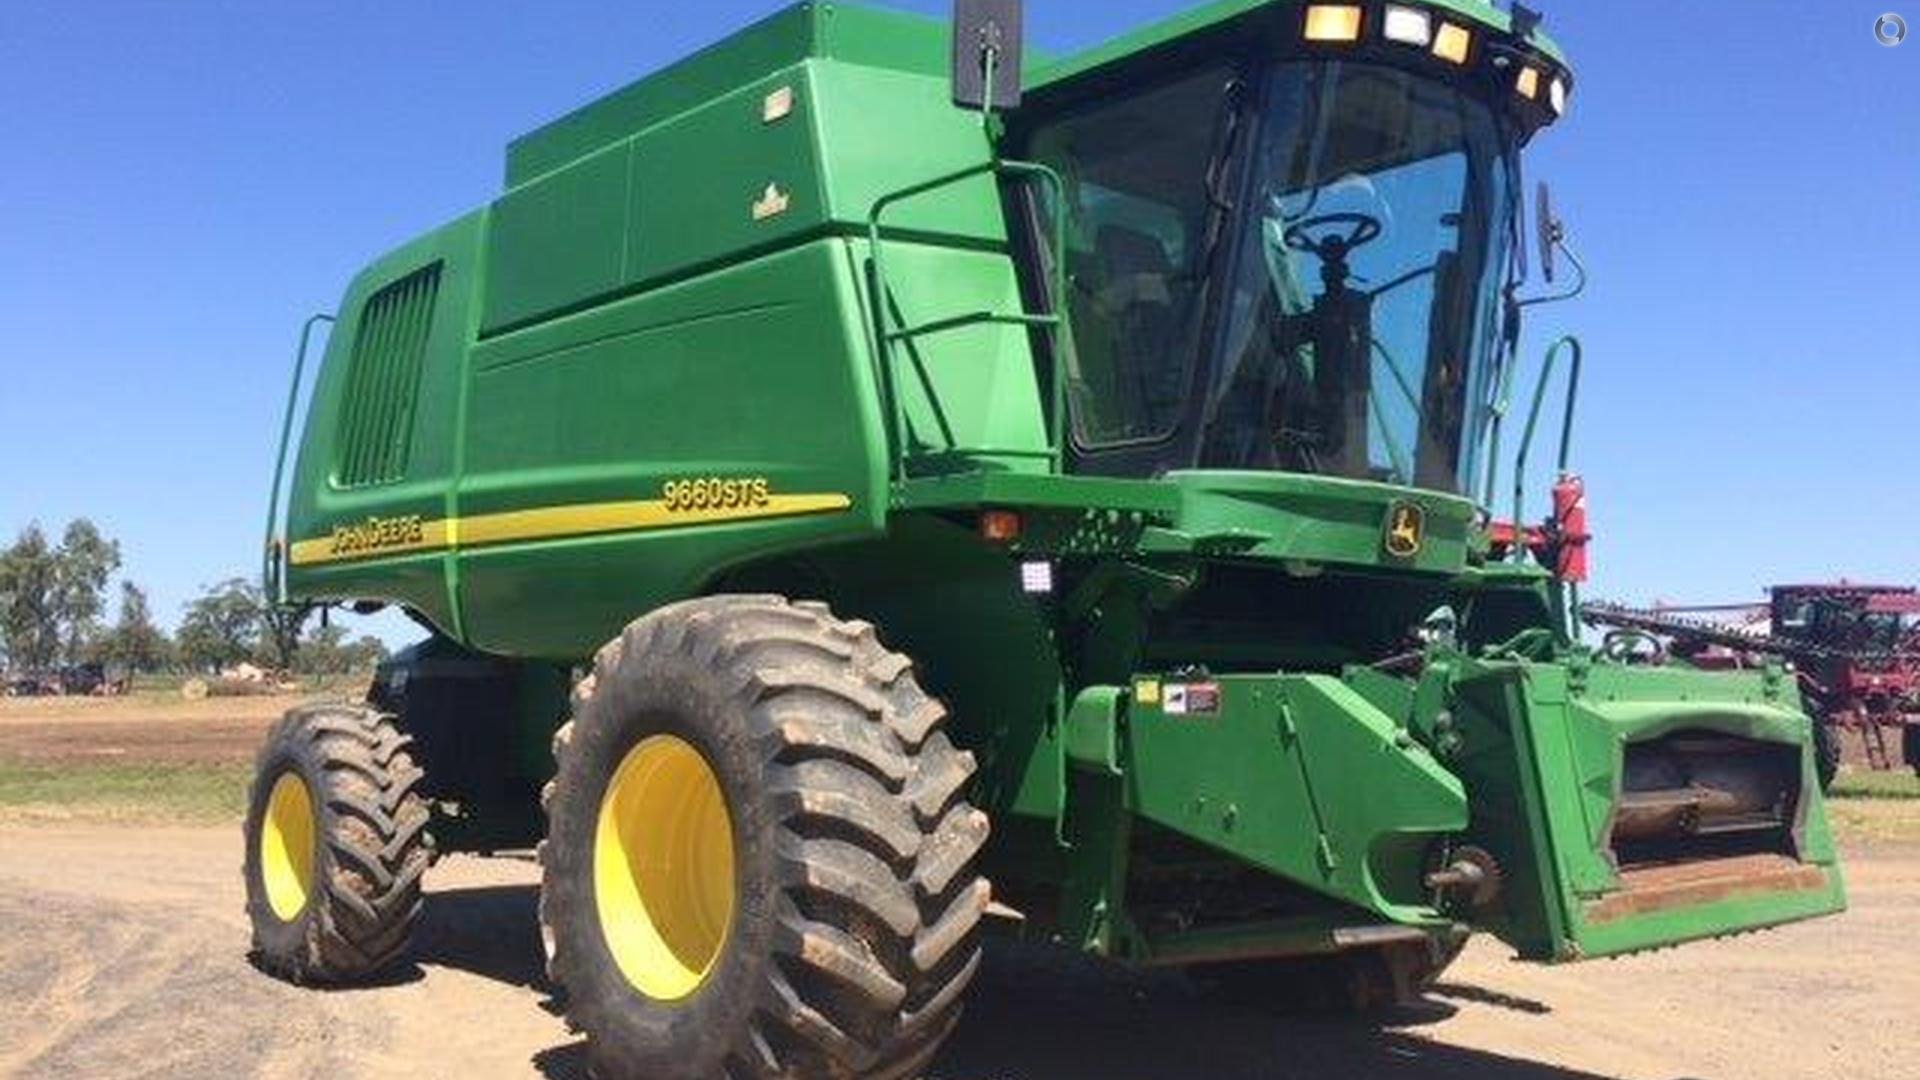 2004 John Deere 9660 STS Combine Harvester